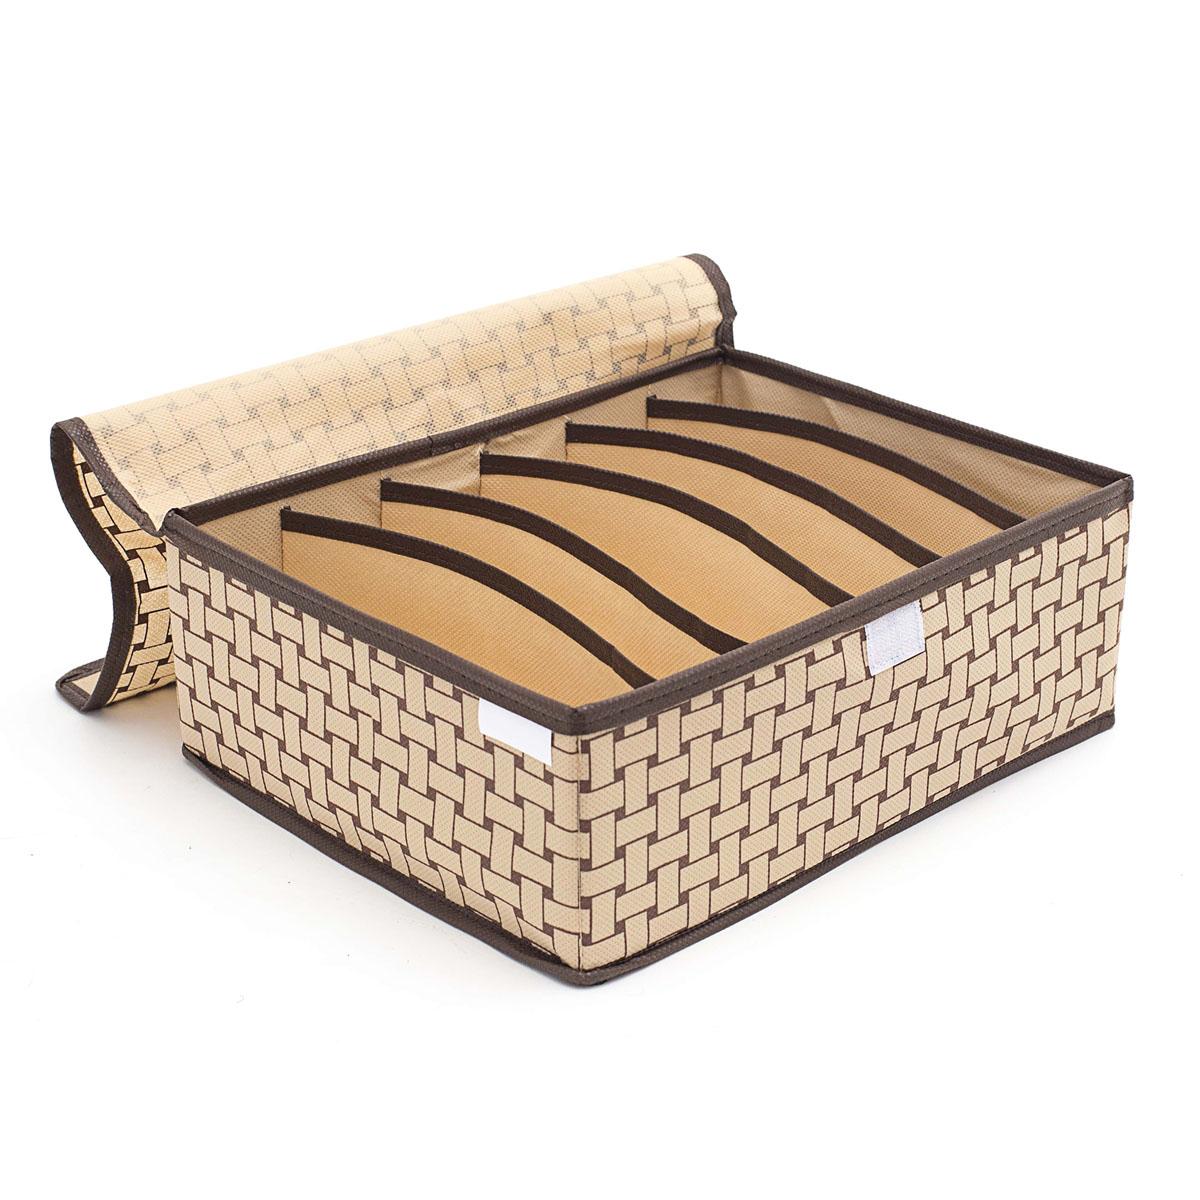 Органайзер для хранения вещей Homsu Pletenka, с крышкой, 6 секций, 31 х 24 х 11 см органайзер для хранения обуви homsu pletenka 6 секций 66 х 63 х 11 см